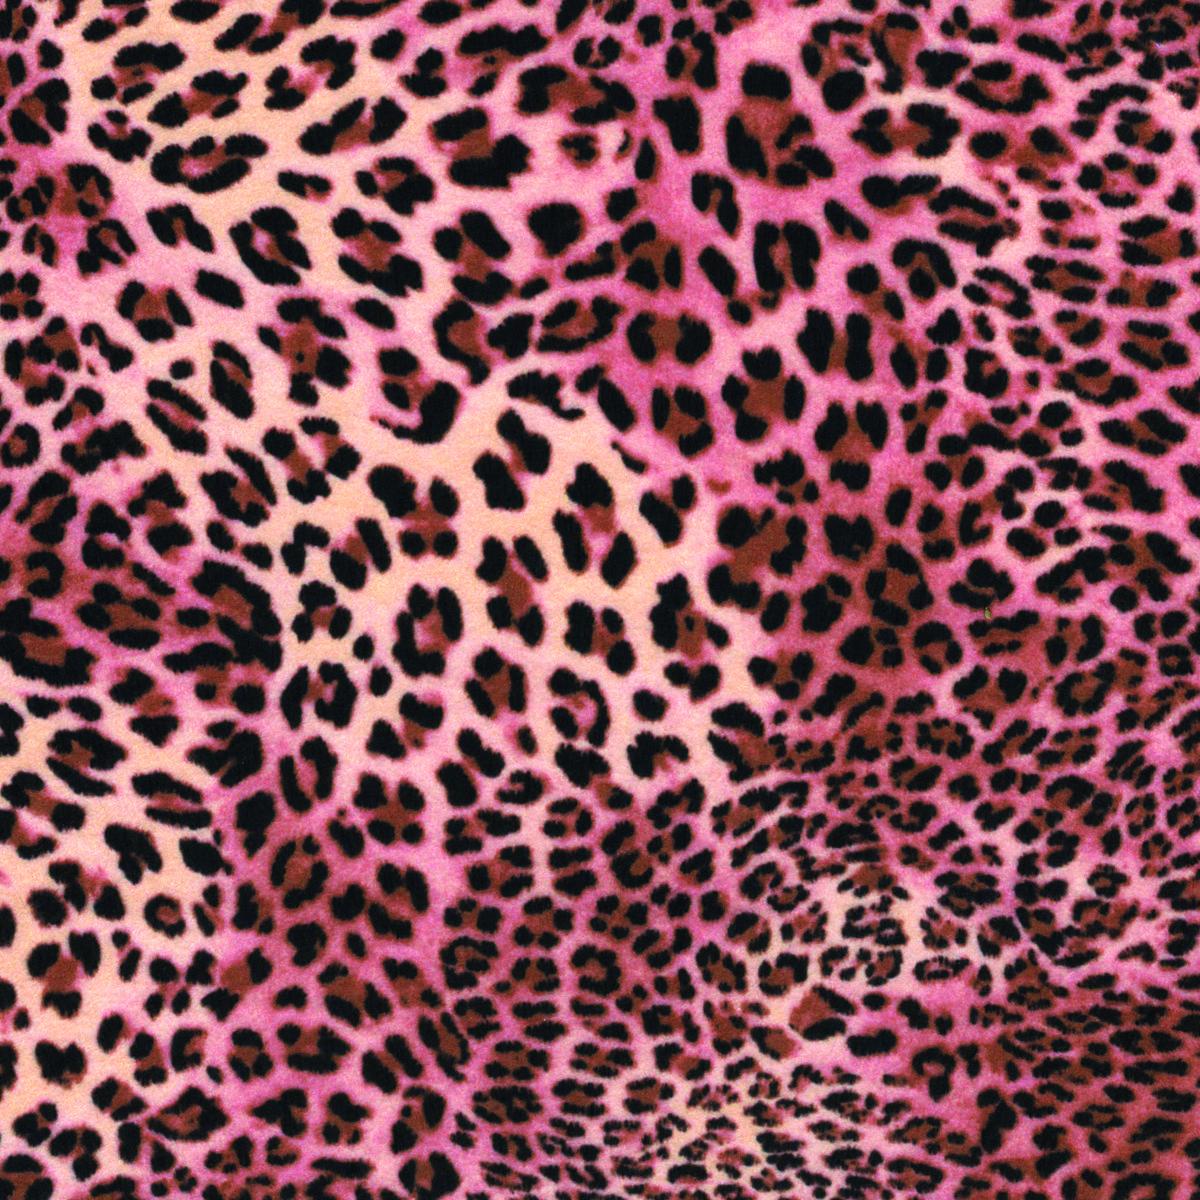 Printz-PinkLeopard.jpg (1200×1200)